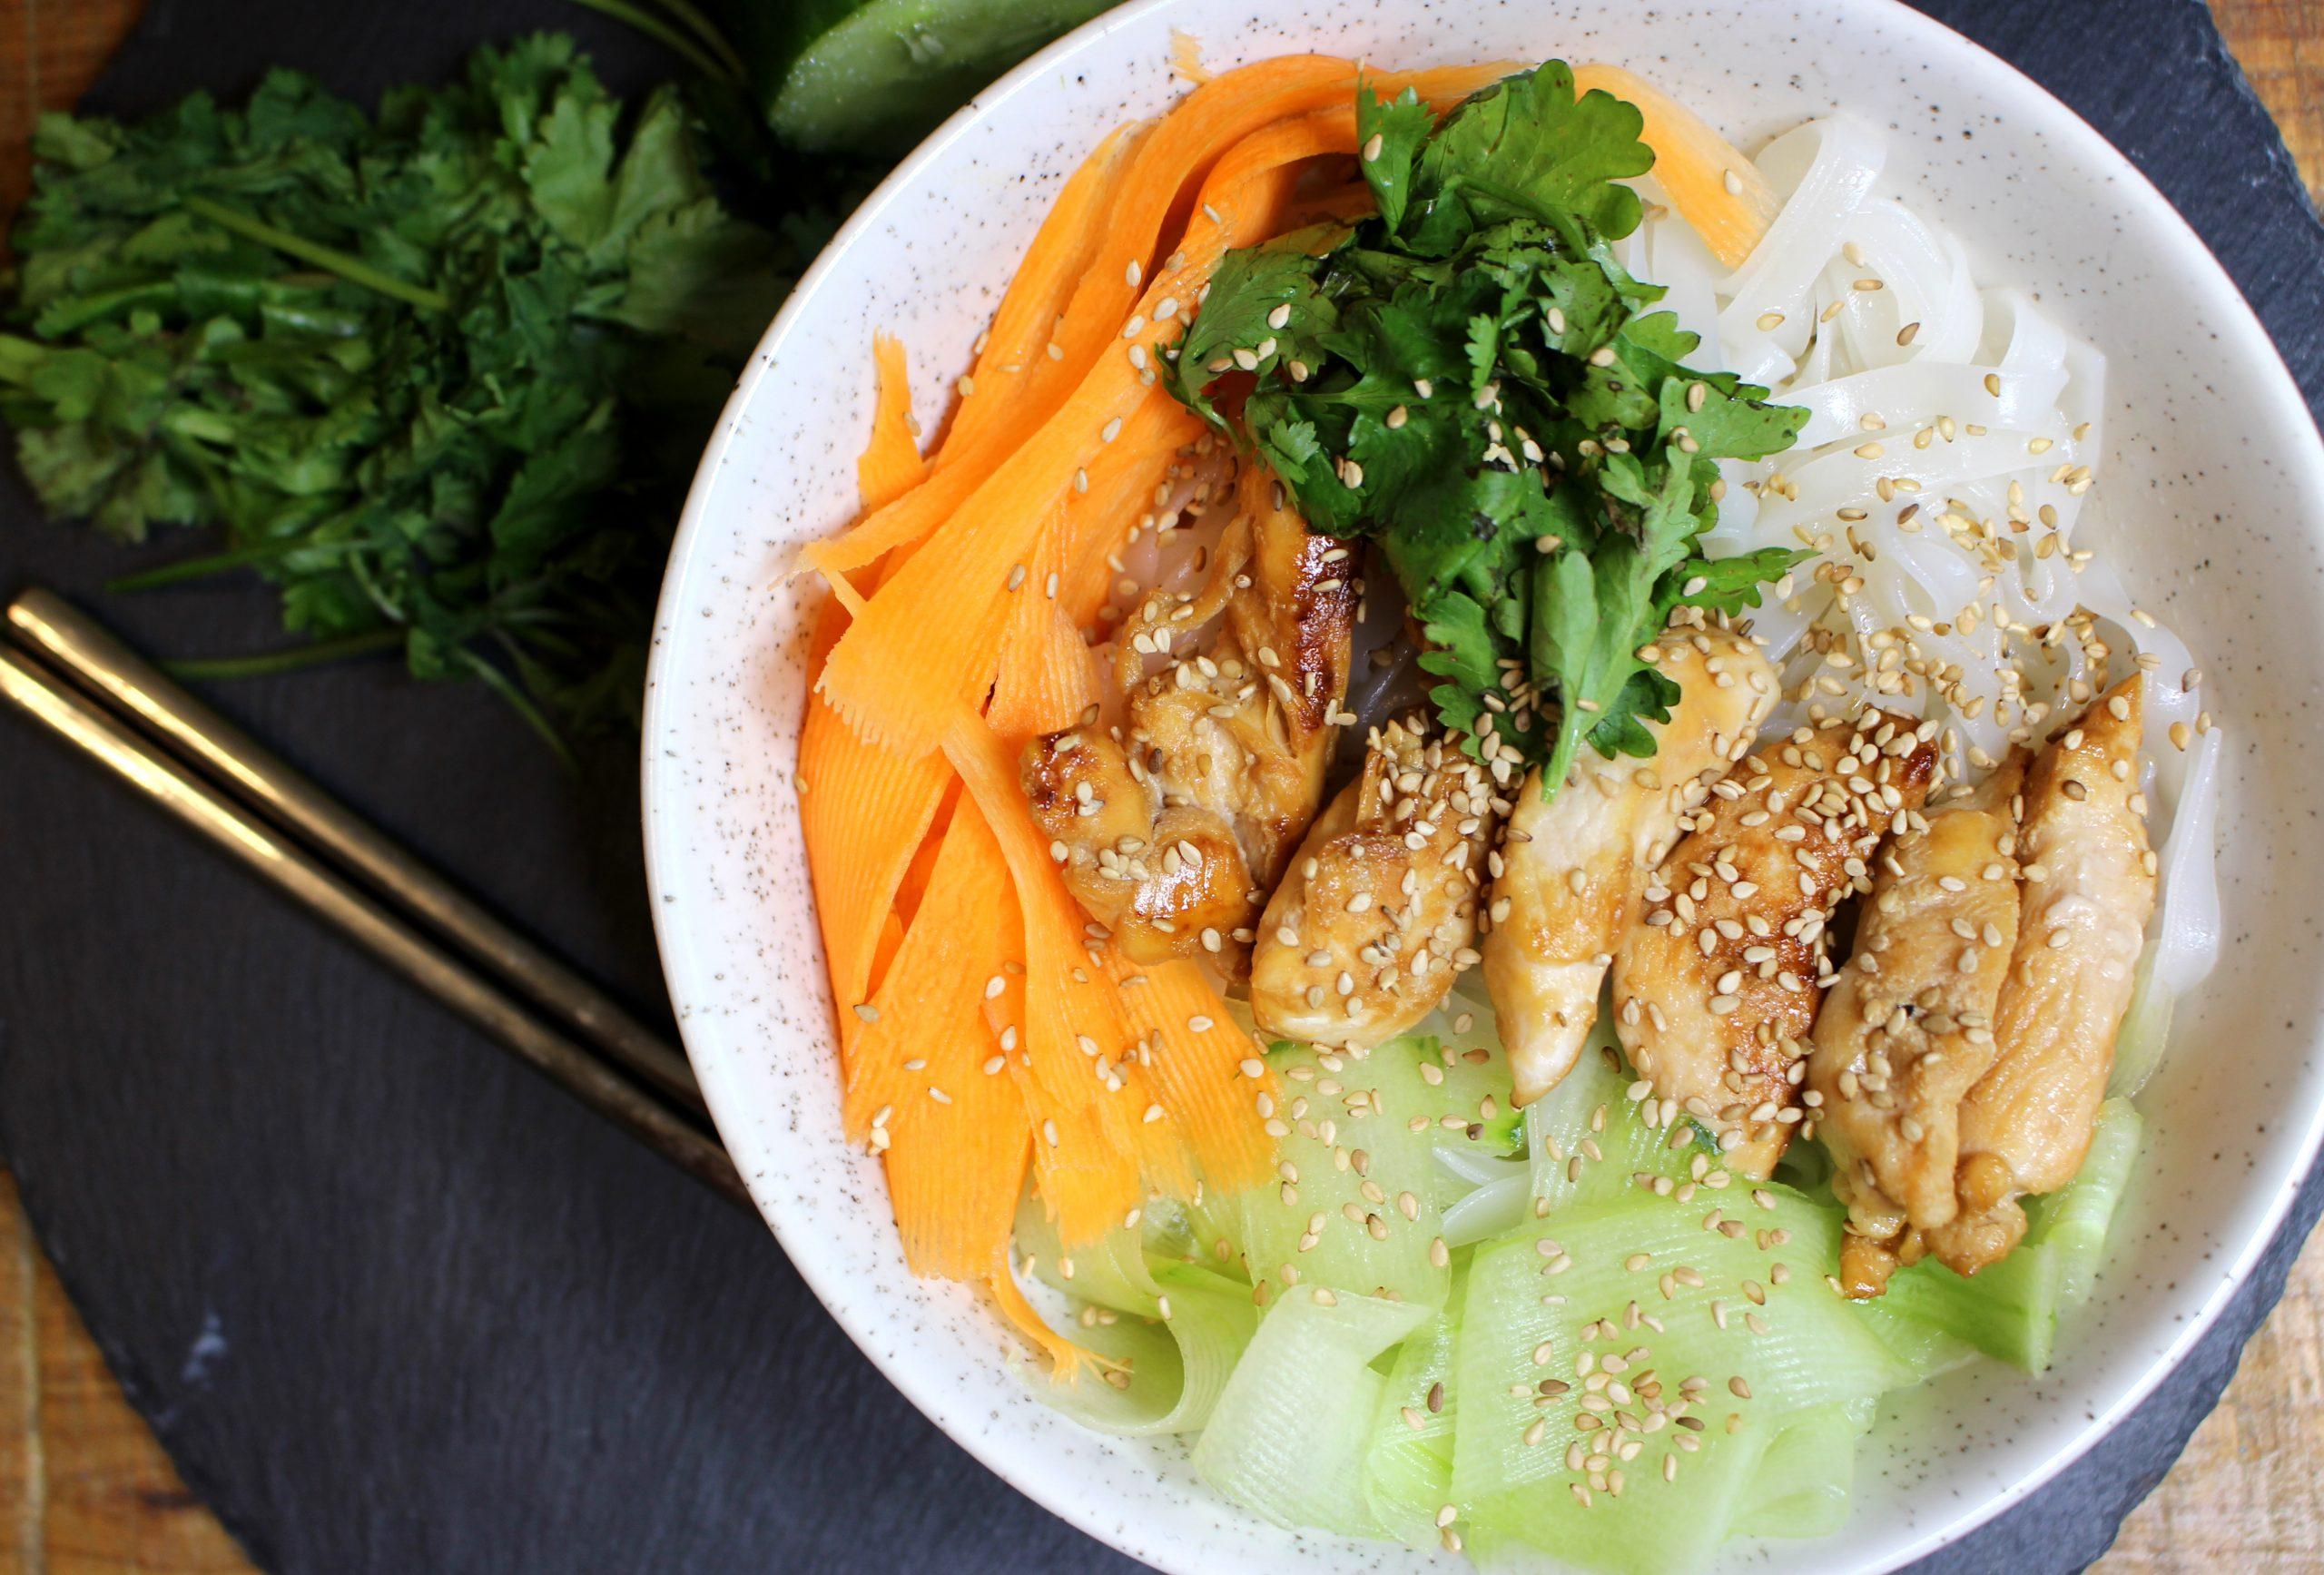 salade thaï aux nouilles de riz, poulet et crudités